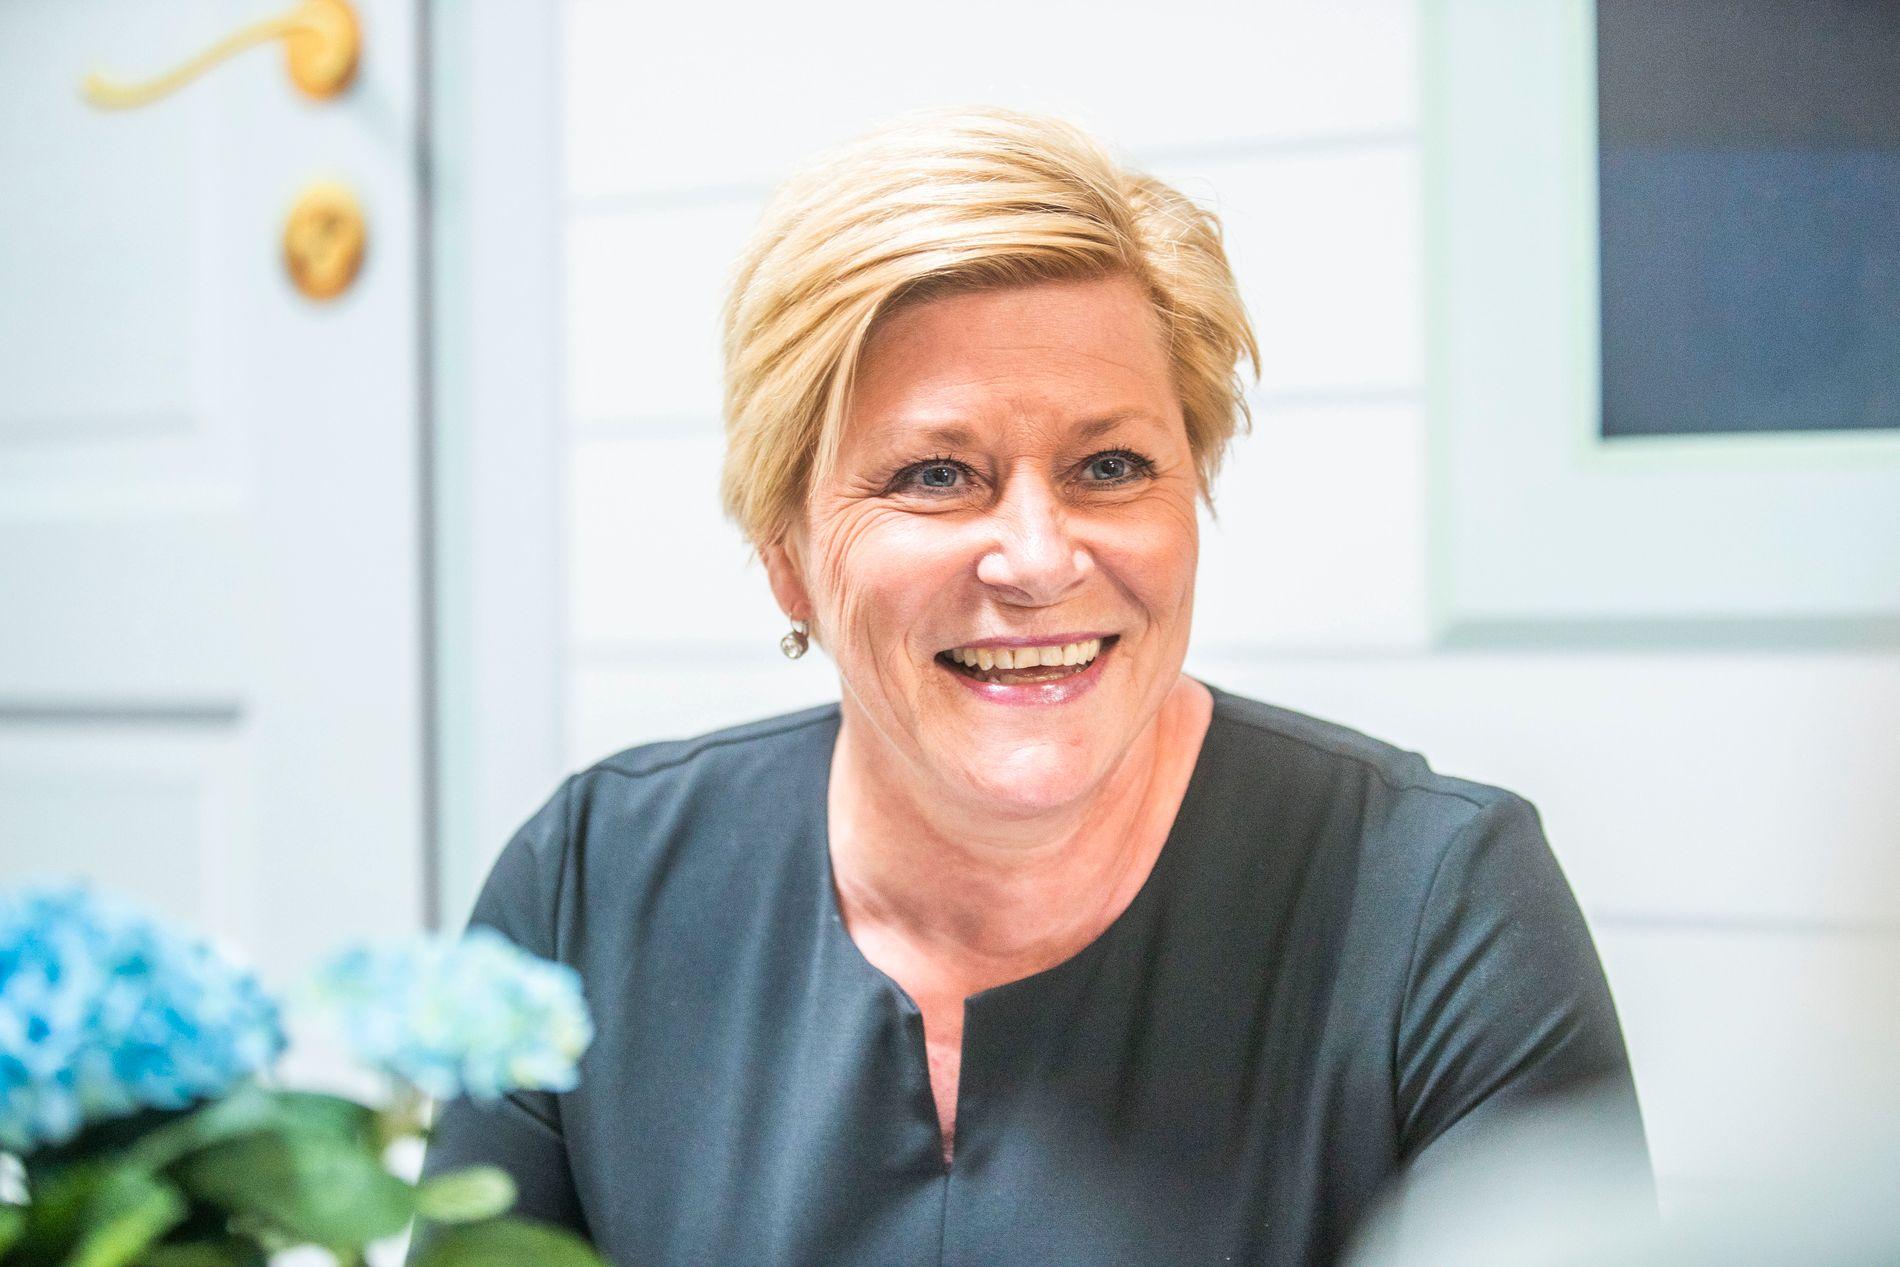 NÅ ER DET ALVOR: Etter seks år i finansministerstolen kutter Siv Jensen i bompengene.